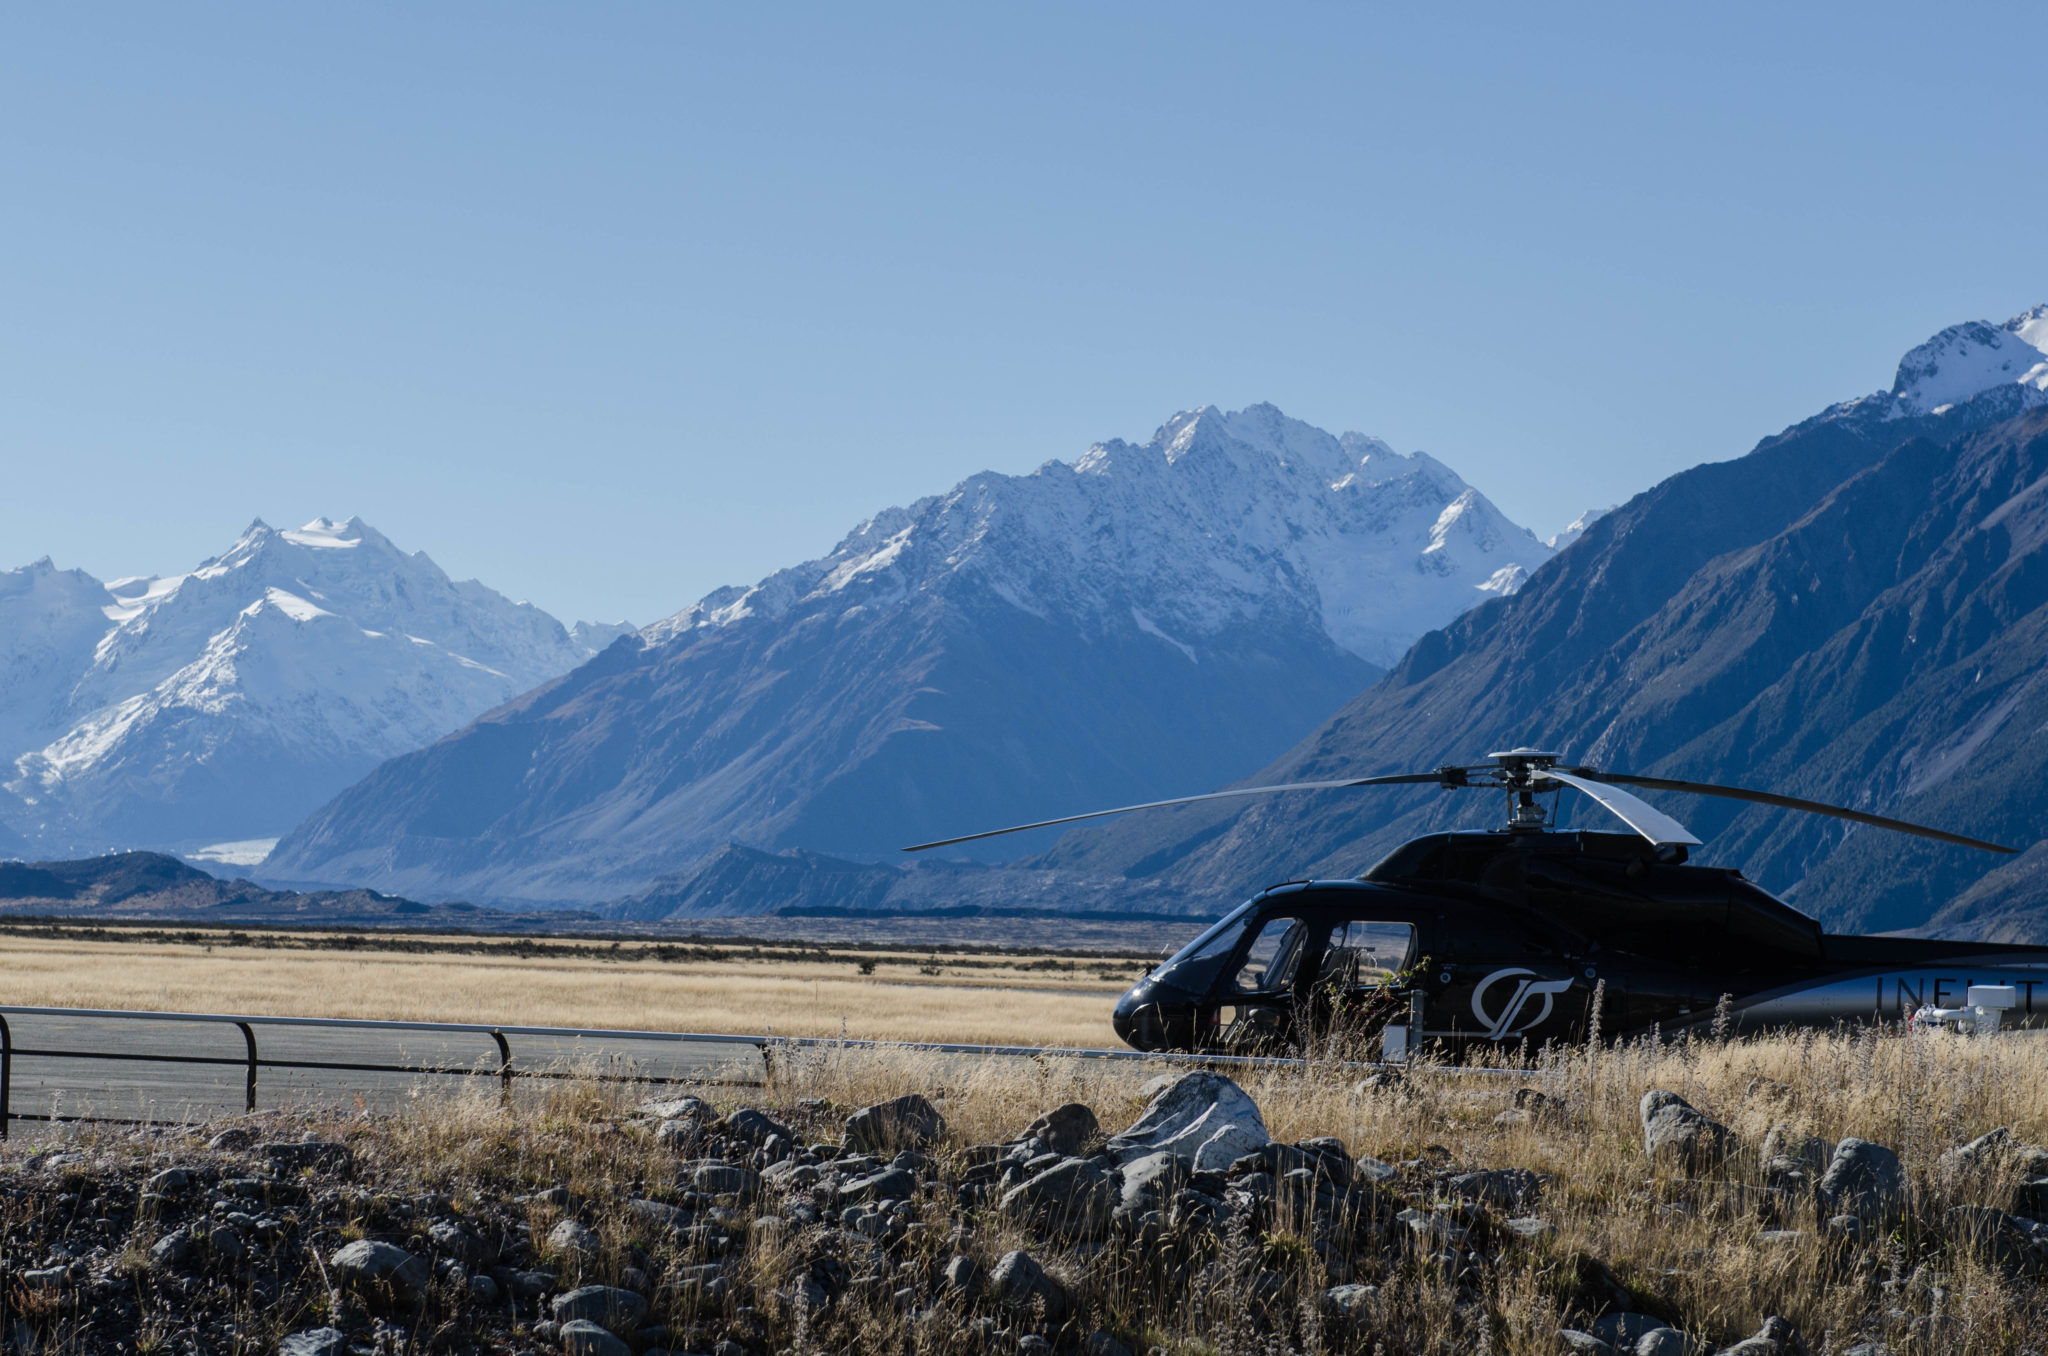 Mount Cook Neuseeland Gletscherwanderung: Der Helikopter steht bereit